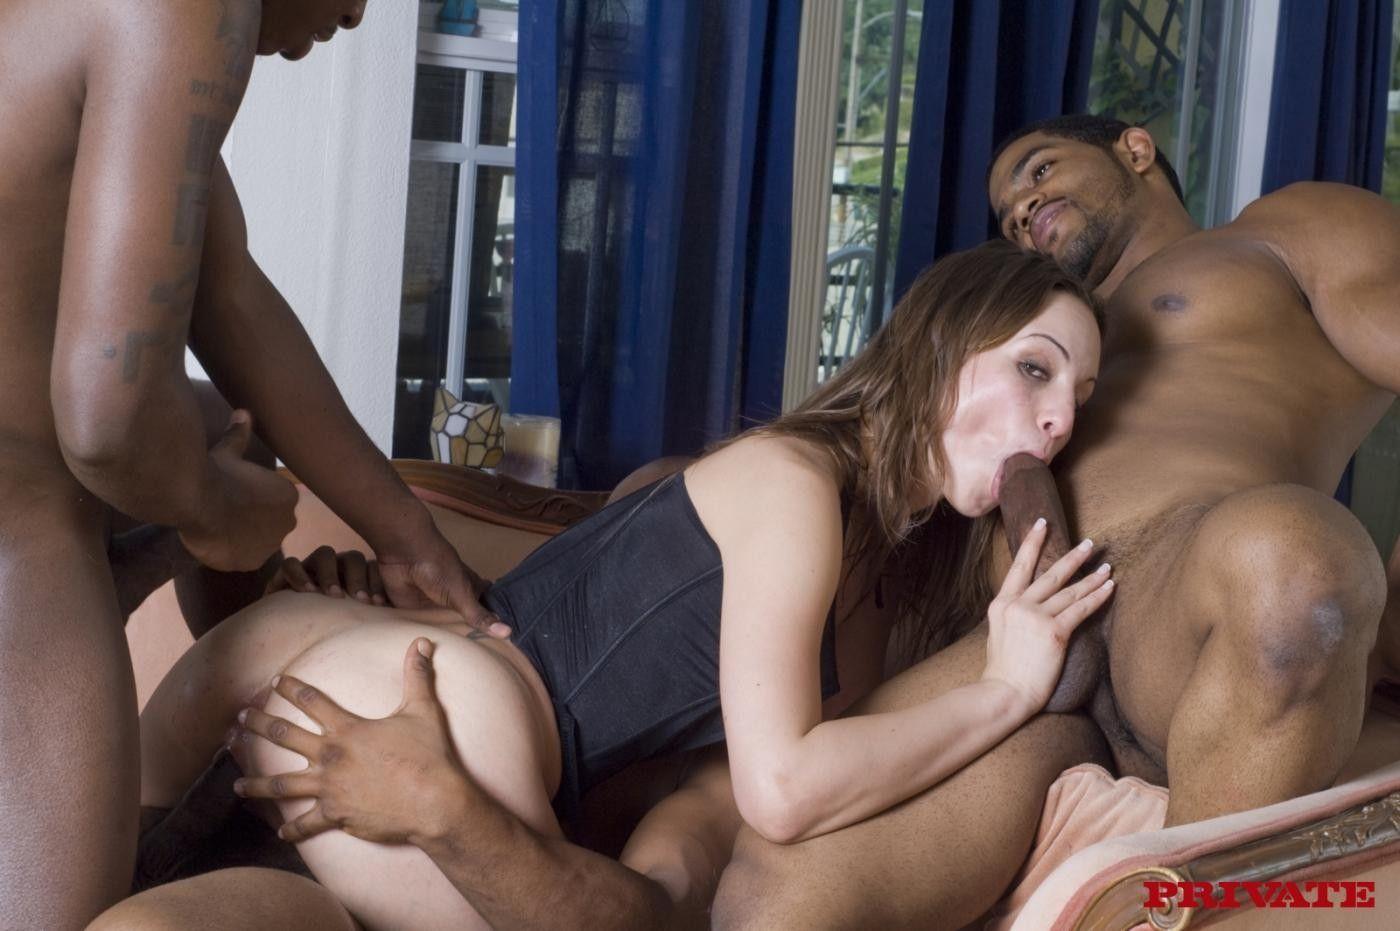 порно толпа негров ворвались в дом и трахнули спящую маму